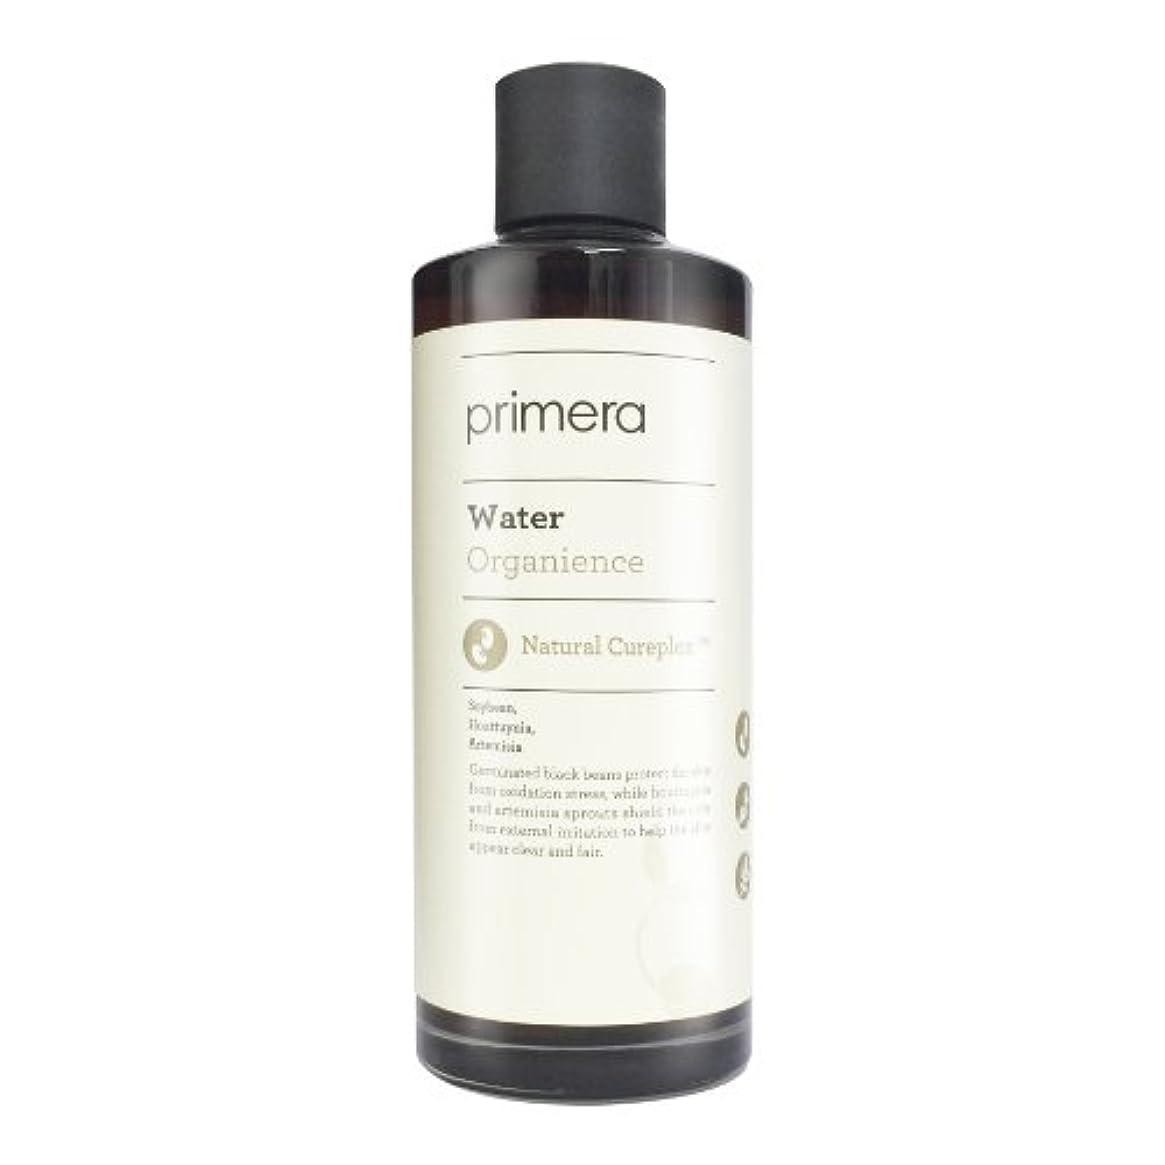 保証するとてもオーガニックPrimera/プリメラ オーガニエンスウォーター180ml(Organience water)